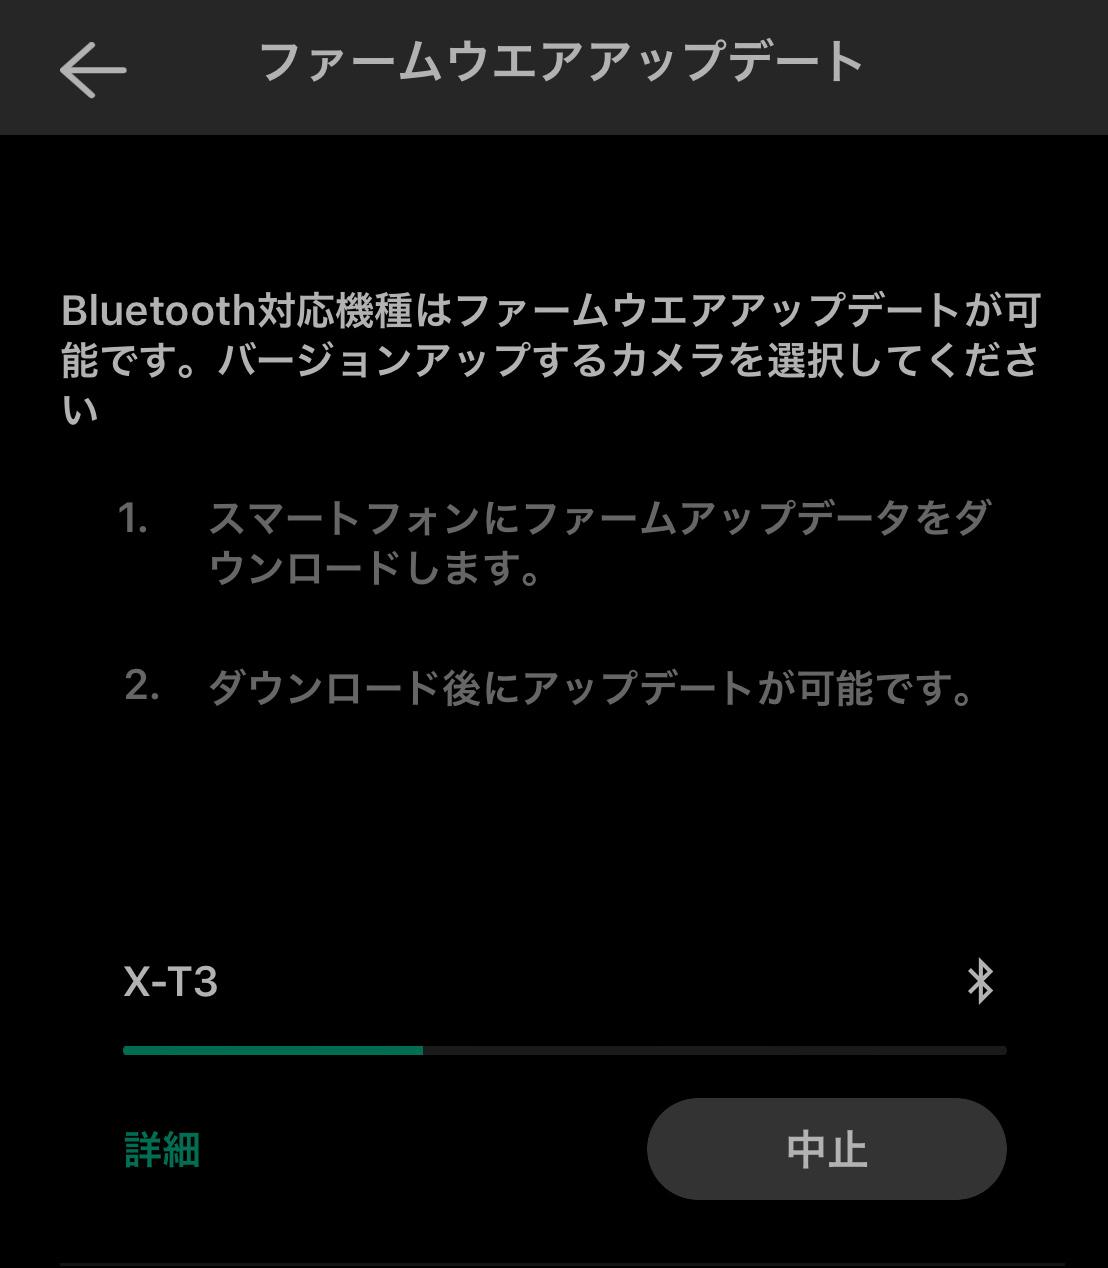 XT3-up0